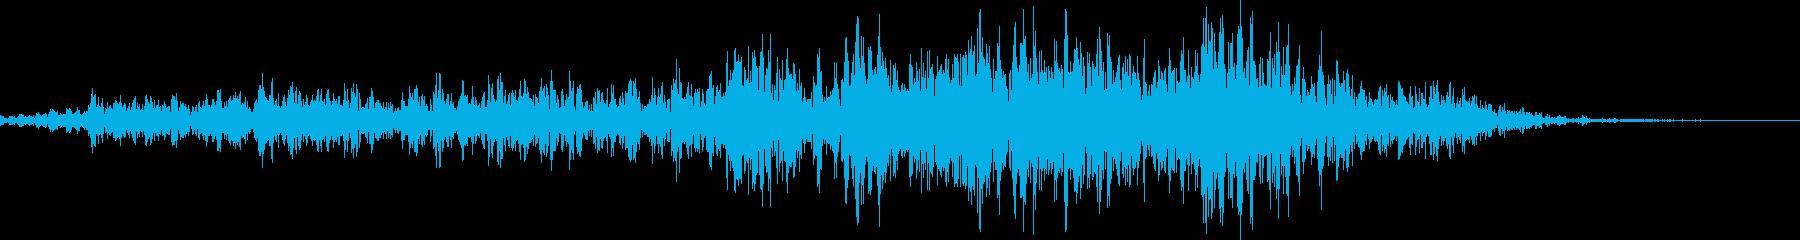 馬の鳴き声(ブヒヒン)の再生済みの波形